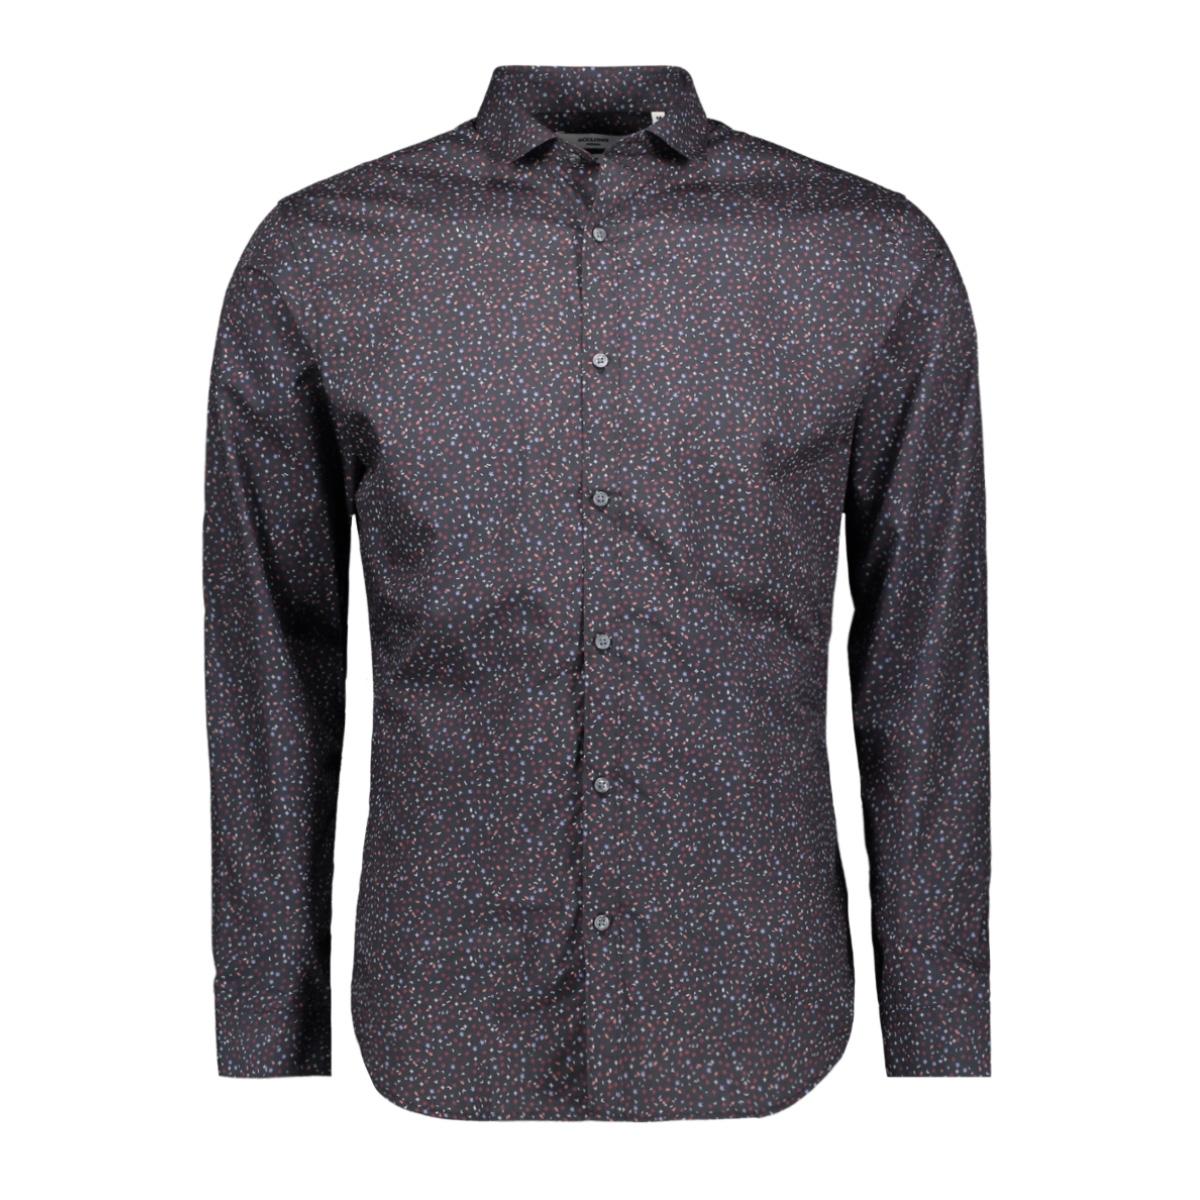 jprblackburn shirt l/s w19 12162111 jack & jones overhemd black/slim fit